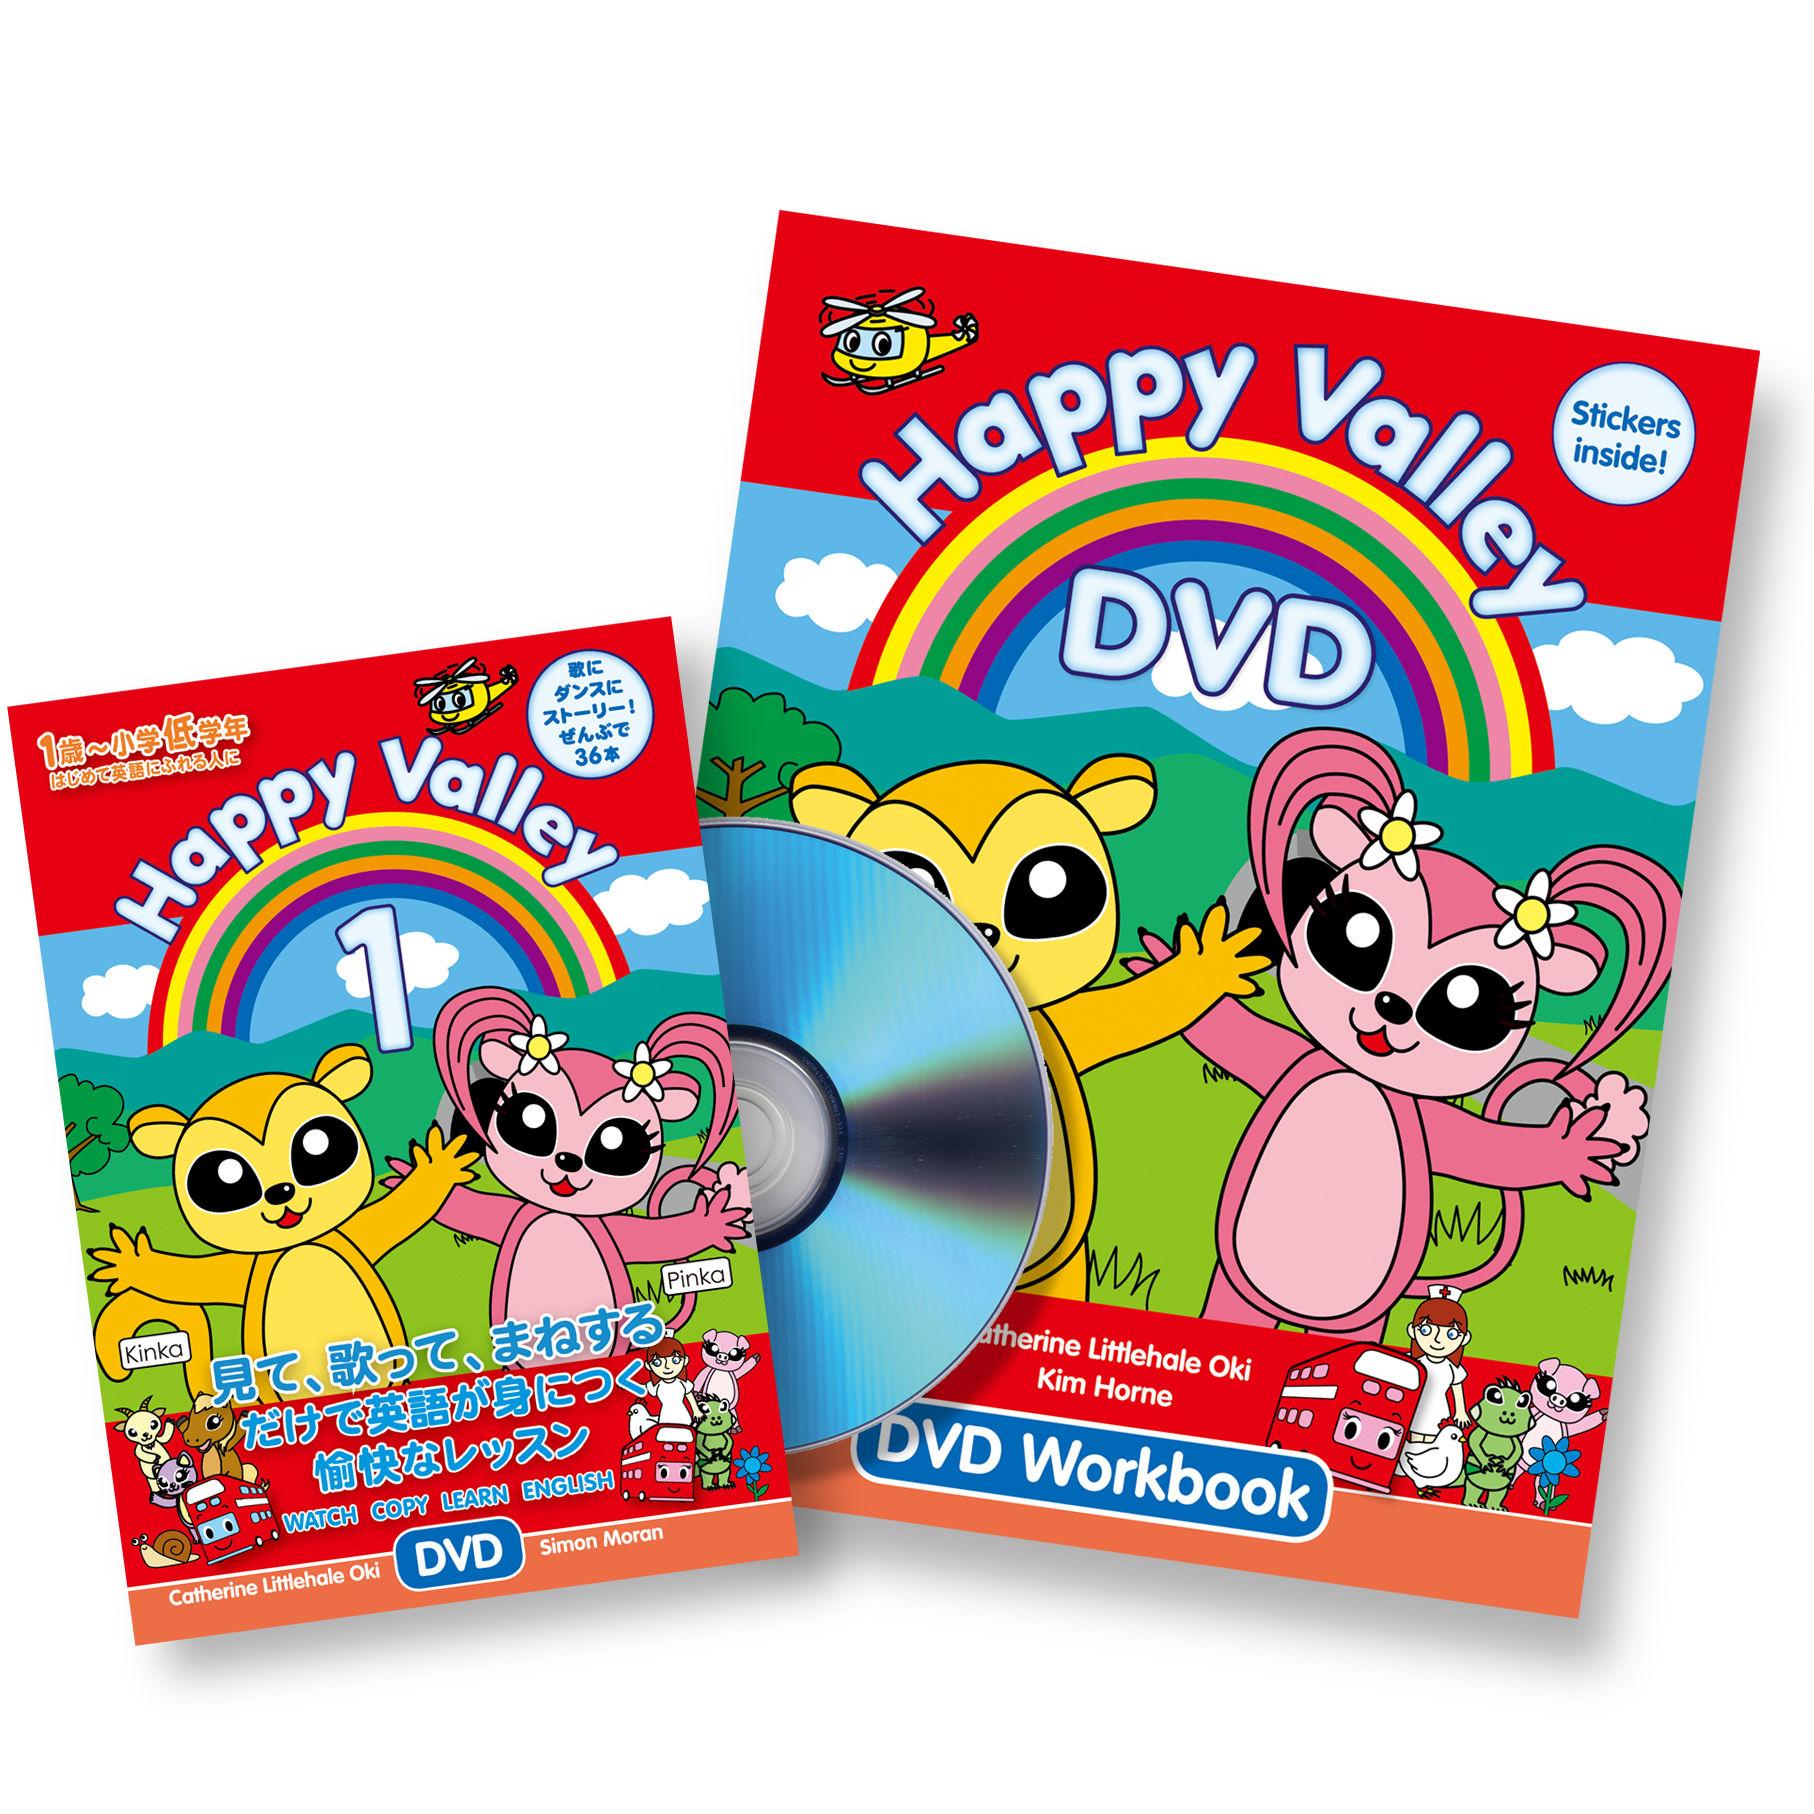 Happy Valley 1 DVD & Workbook Set